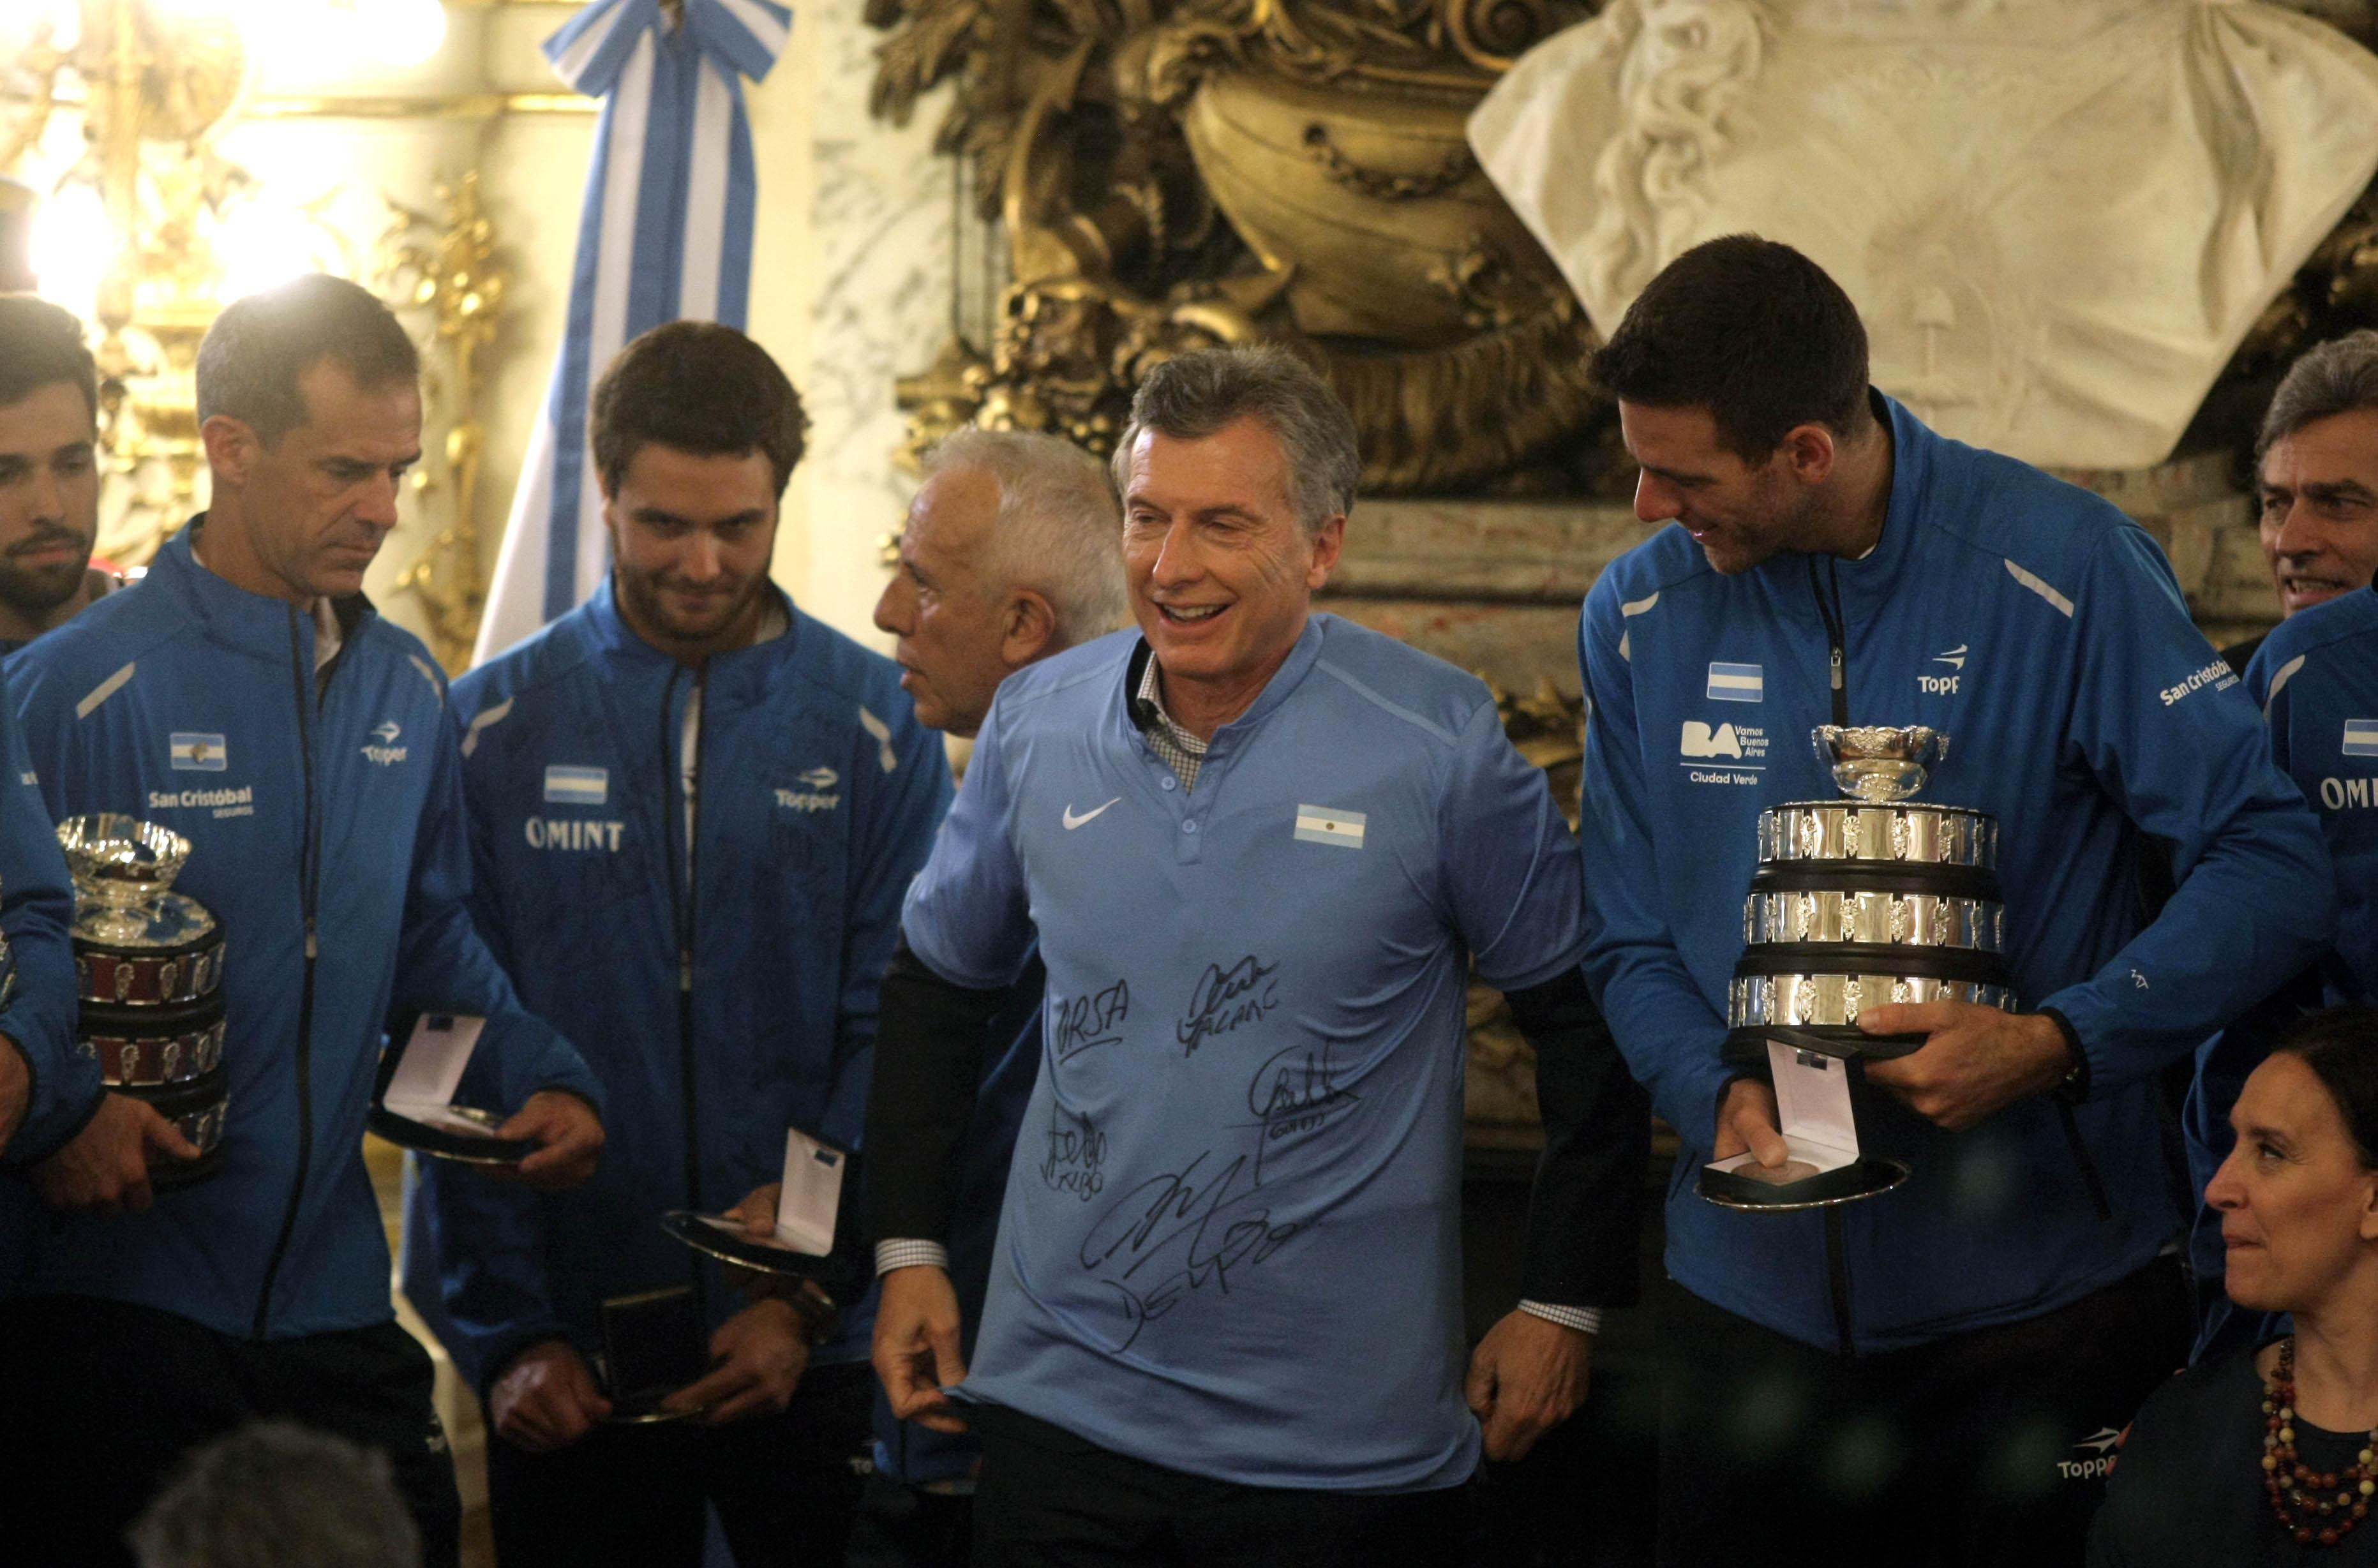 DYN20, BUENOS AIRES 29/11/16, EL PRESIDENTE MAURICIO MACRI, RECIBE AL EQUIPO CAMPEON DE COPA DAVIS.FOTO.DYN/PABLO MOLINA.